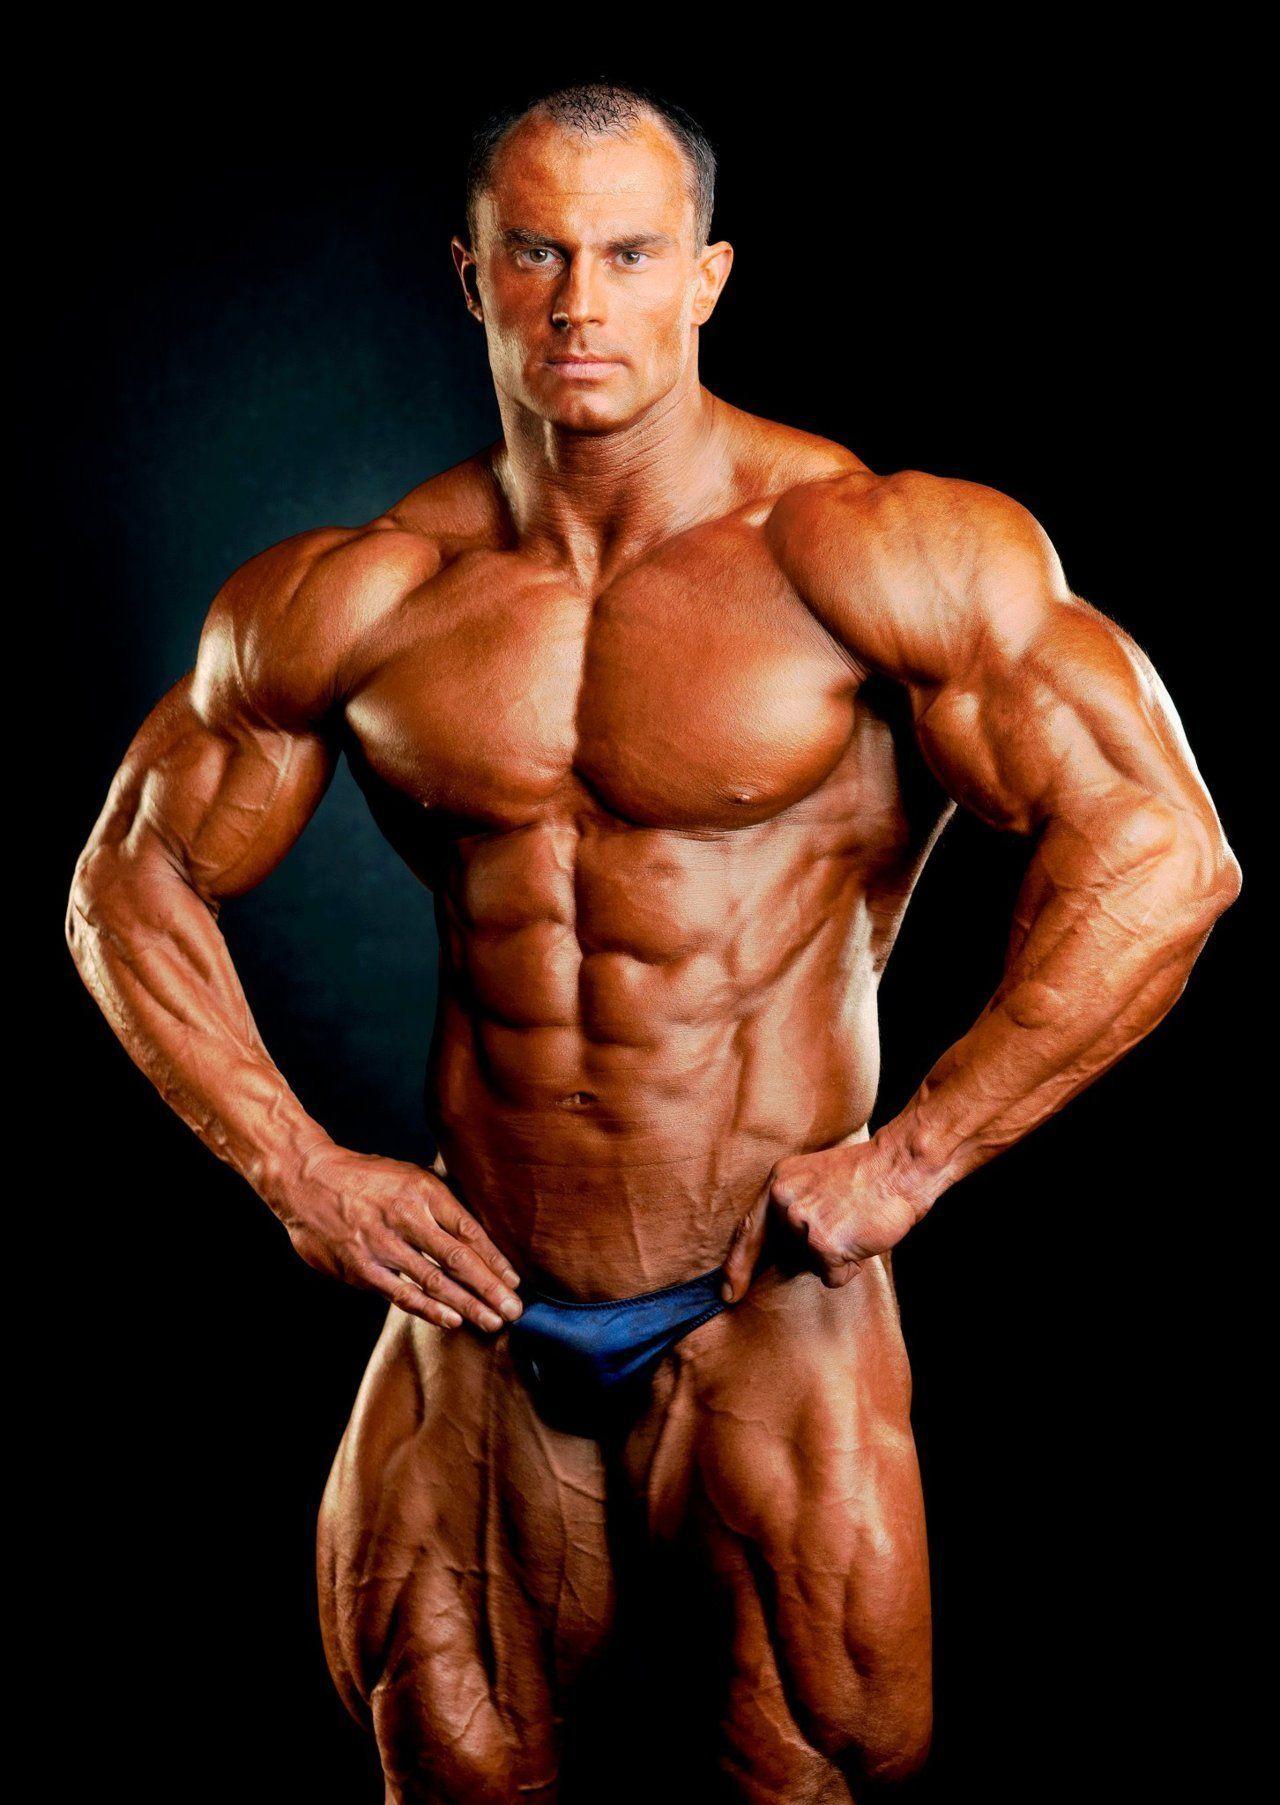 Male bodybuilders hardcore gay sex he lets 8